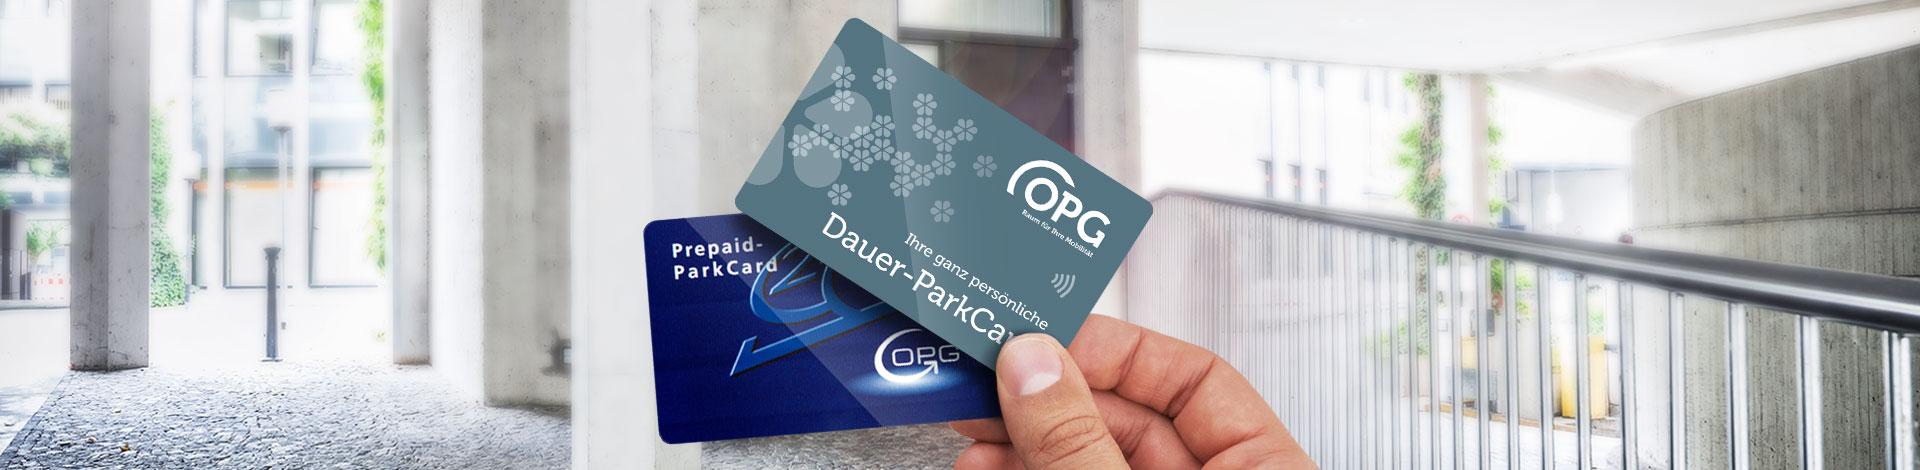 Mit den ParkCards der OPG genießen Kurz- und Langzeitparker größtmögliche Flexibilität ohne Kleingeldsuche